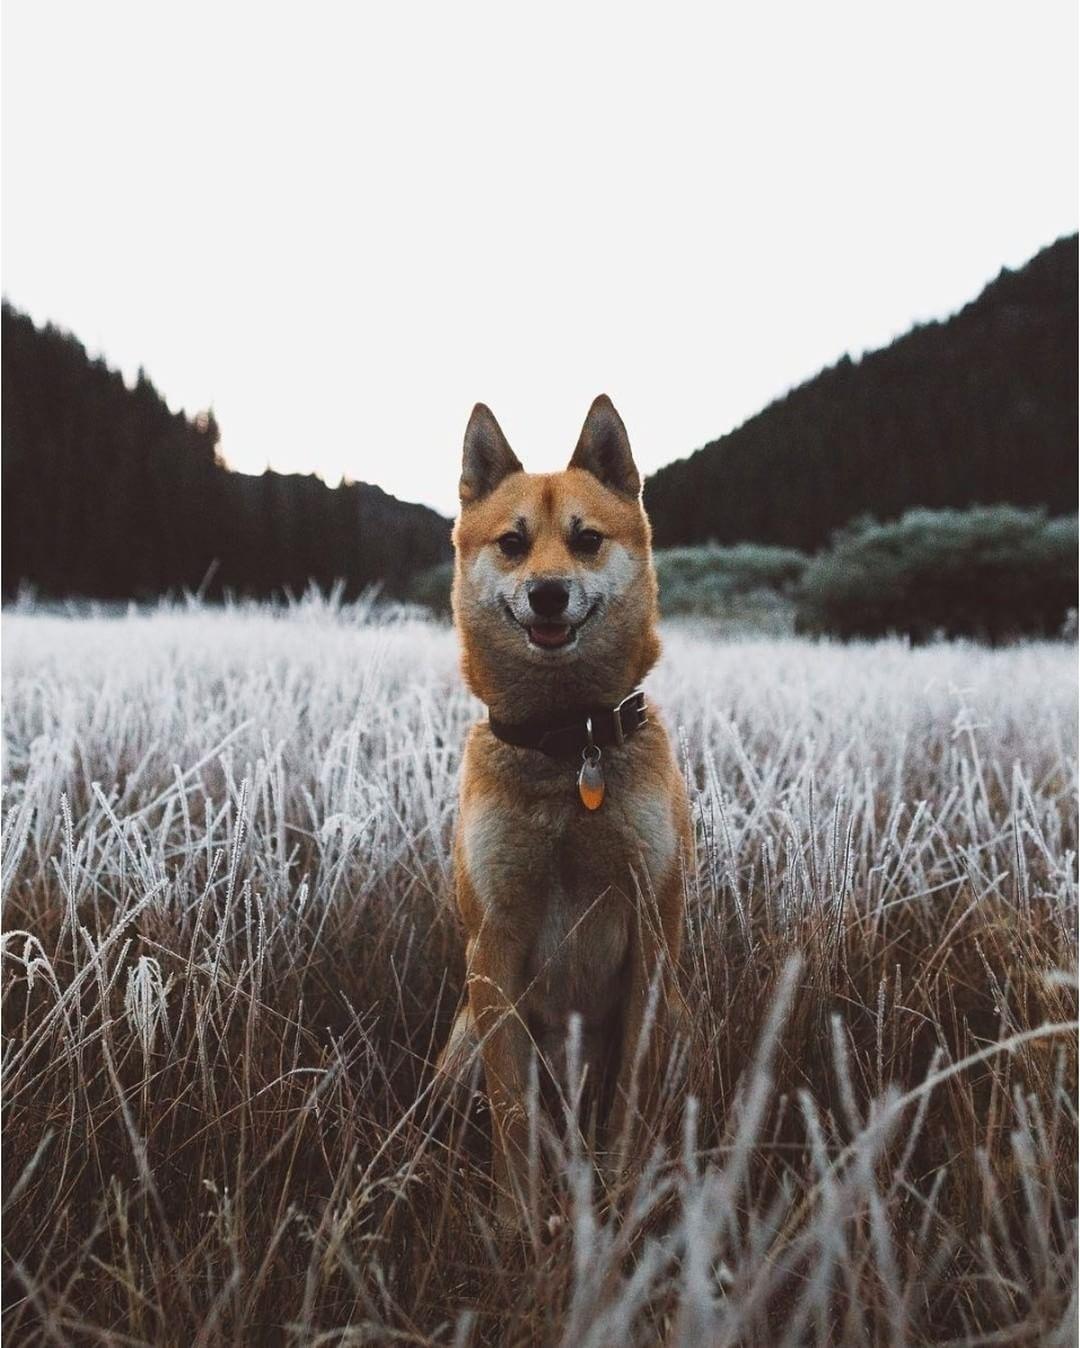 Photo Josh Neff dogsarethebest (mit Bildern)